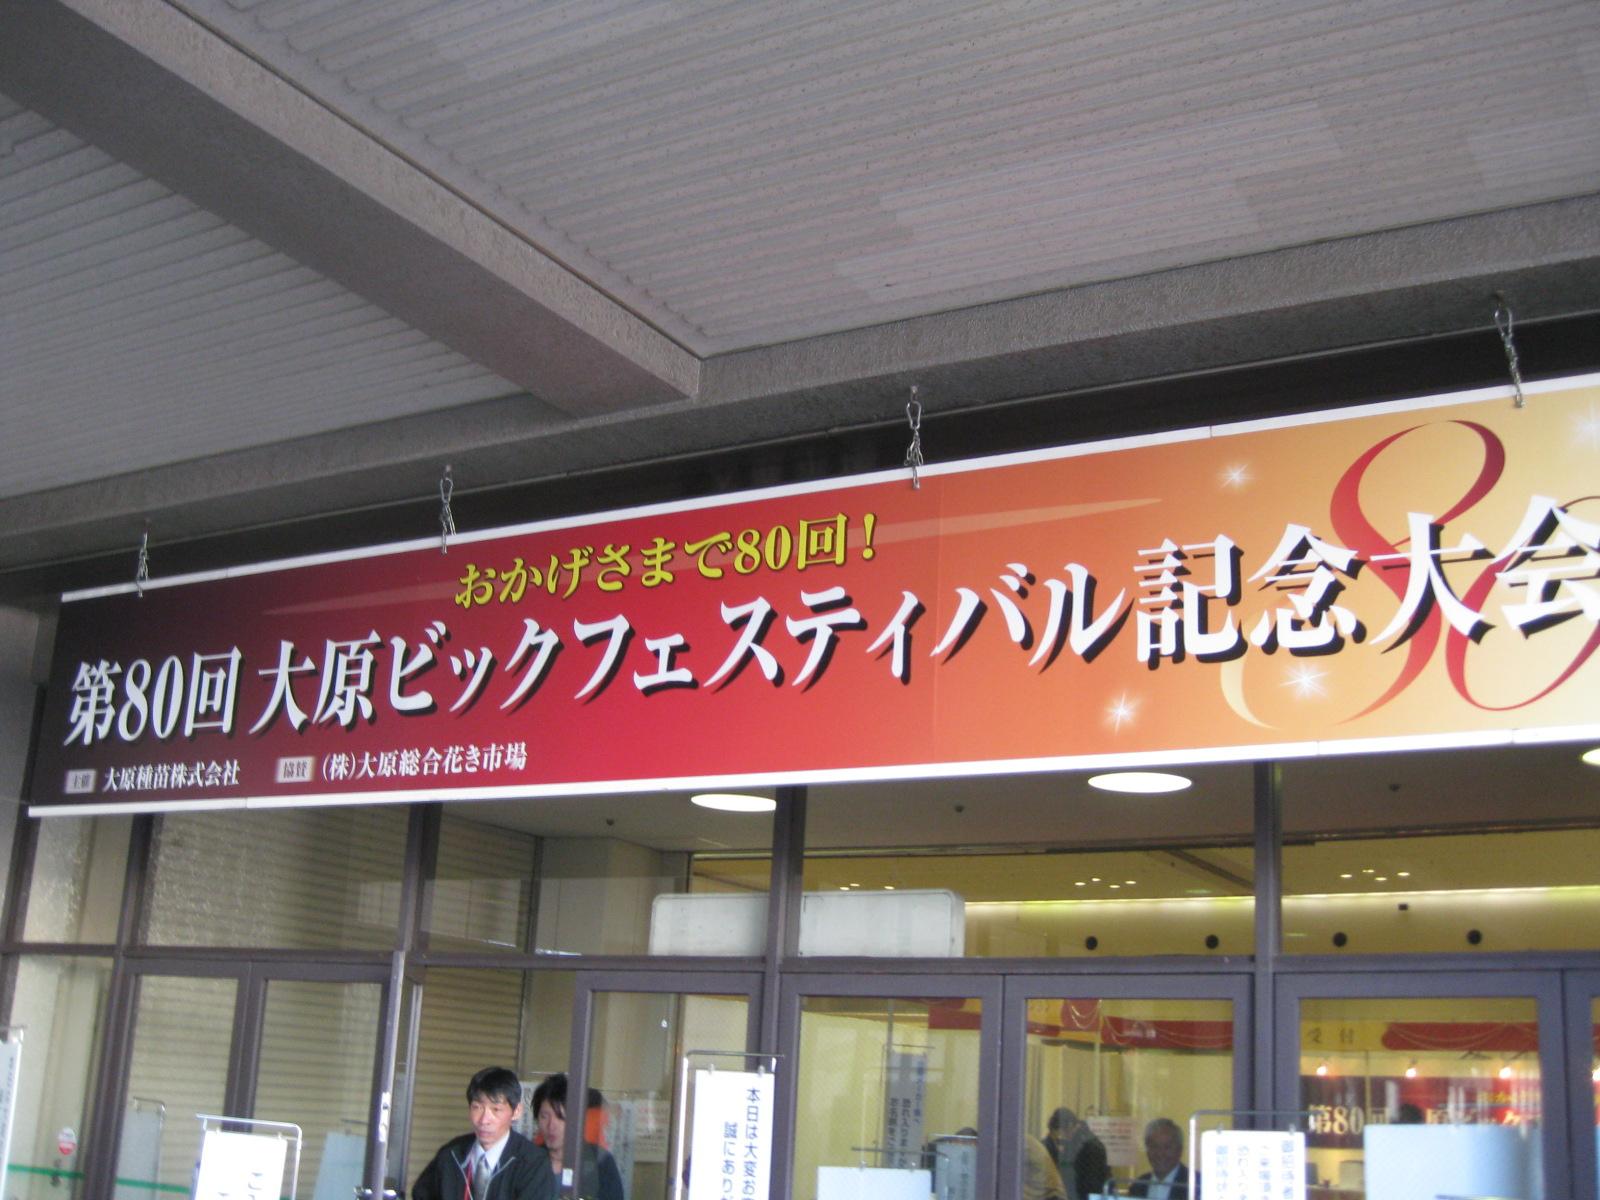 大原ビックフェスティバルに行ってきました_e0128446_14481870.jpg